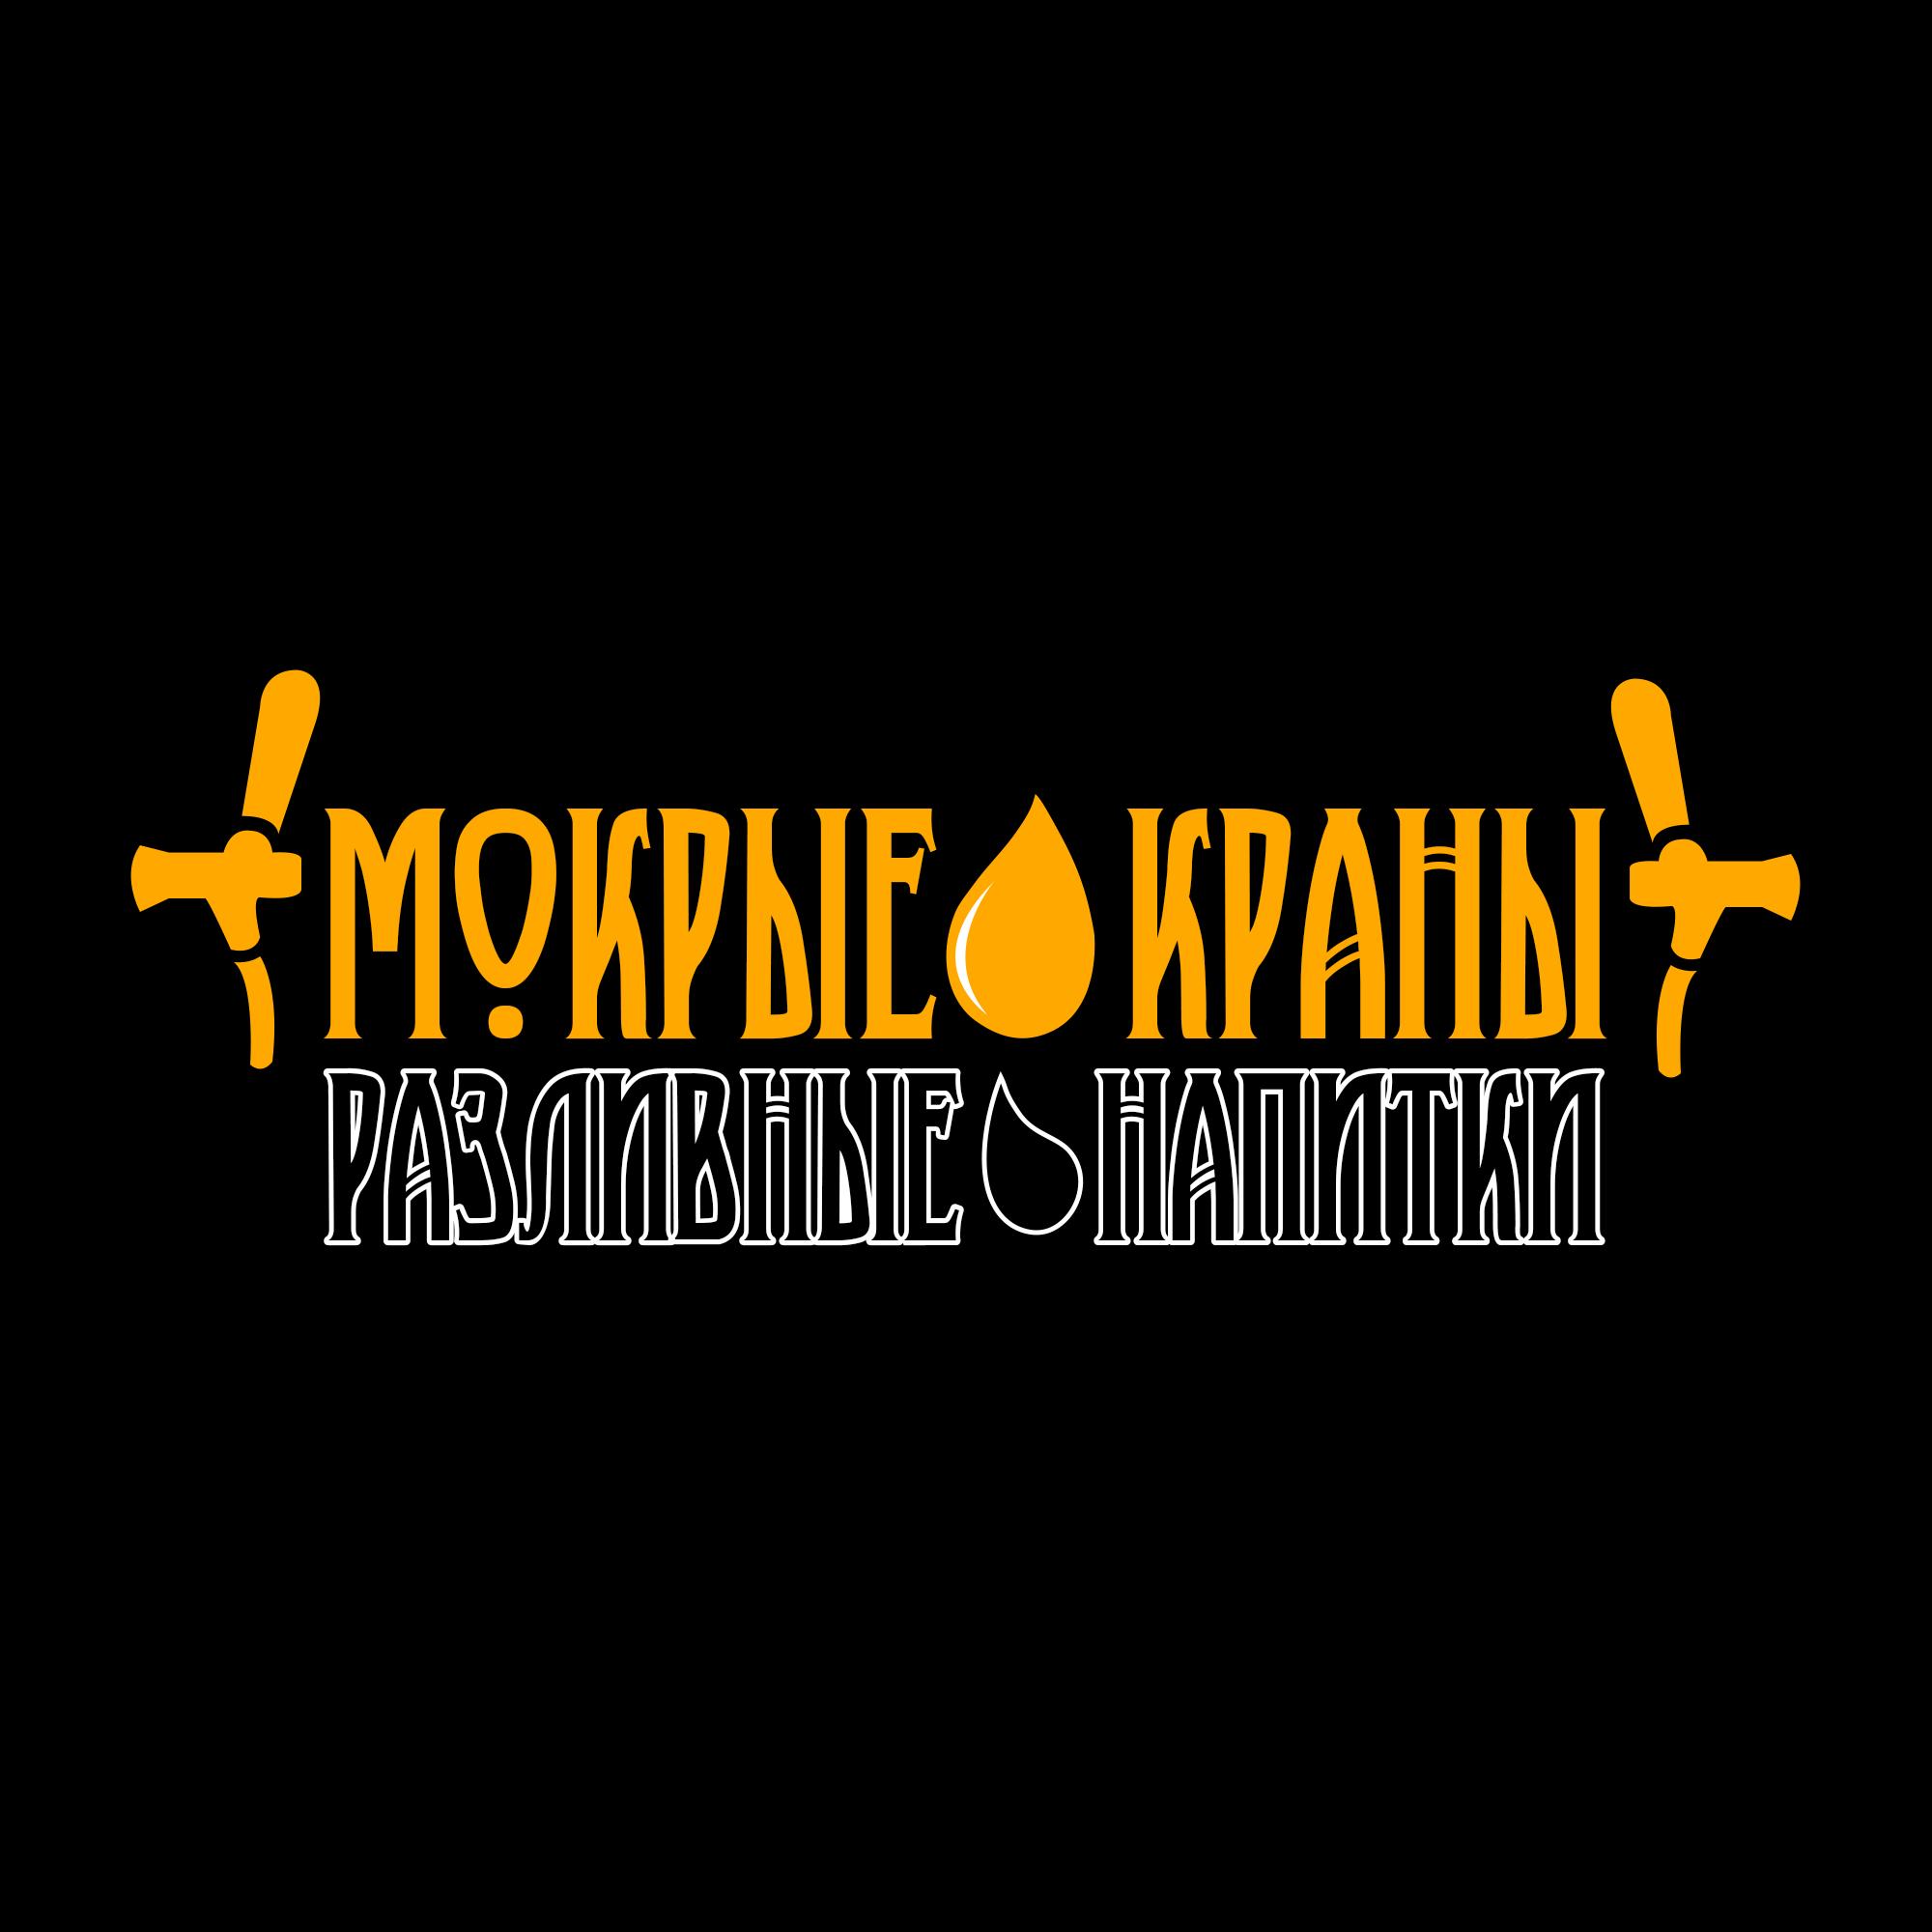 Вывеска/логотип для пивного магазина фото f_22660283da5972b0.png